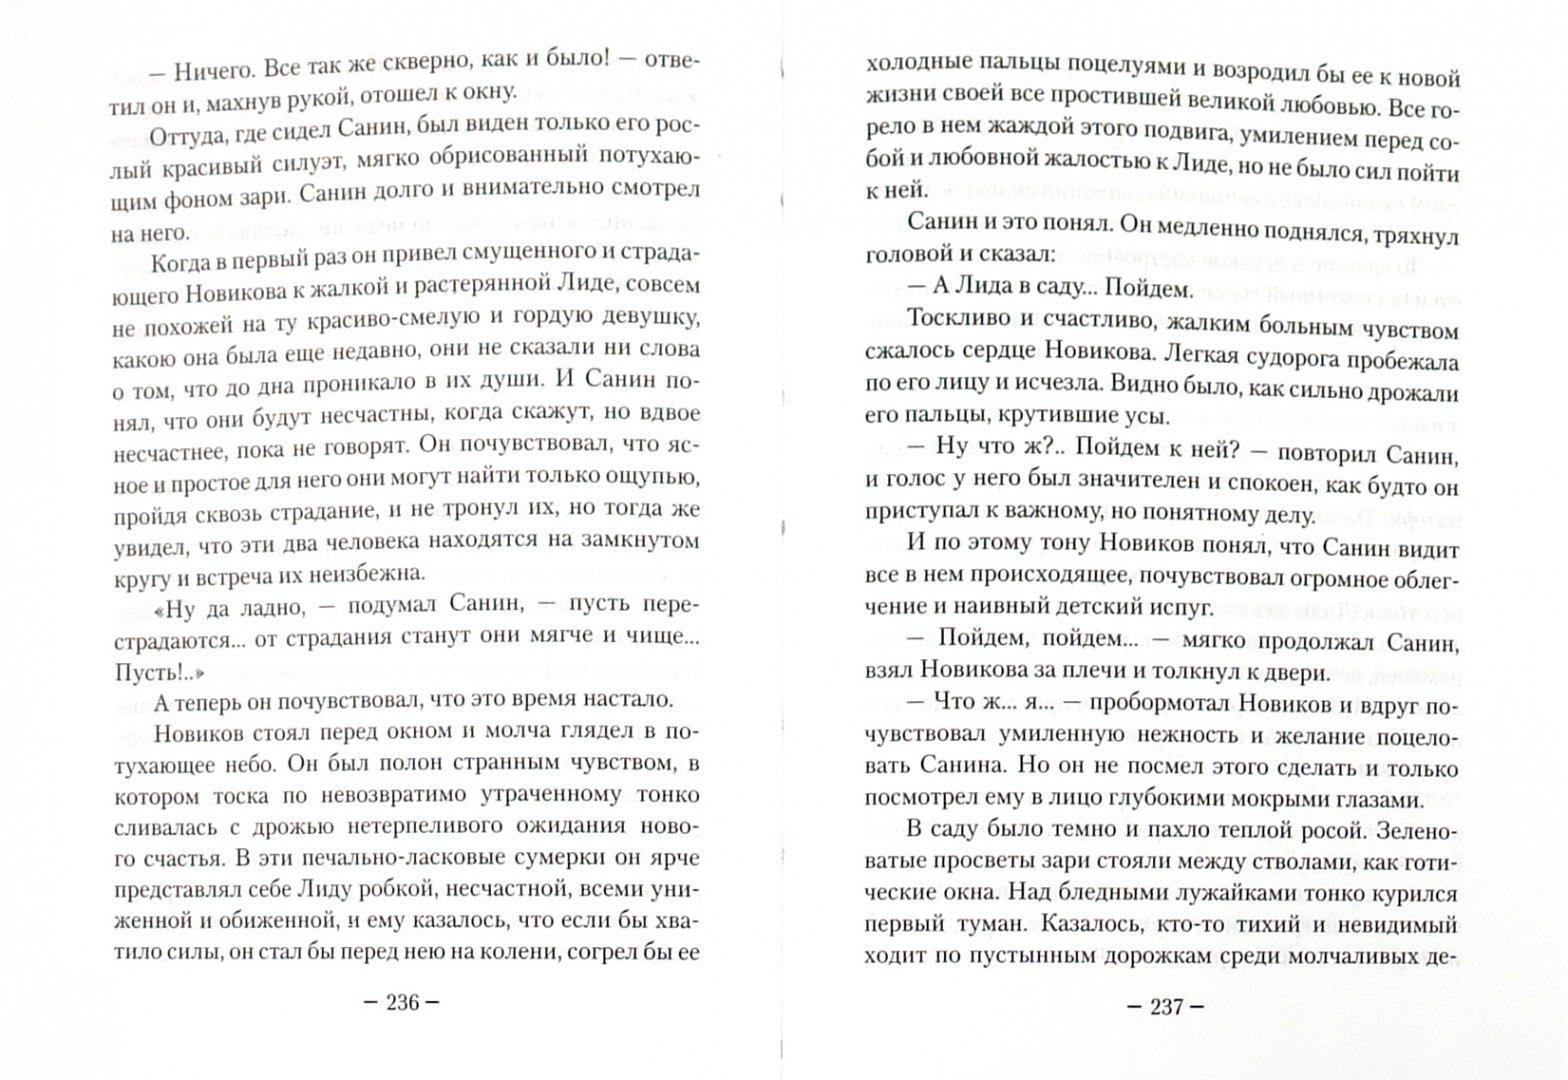 Иллюстрация 1 из 10 для Санин - Михаил Арцыбашев | Лабиринт - книги. Источник: Лабиринт